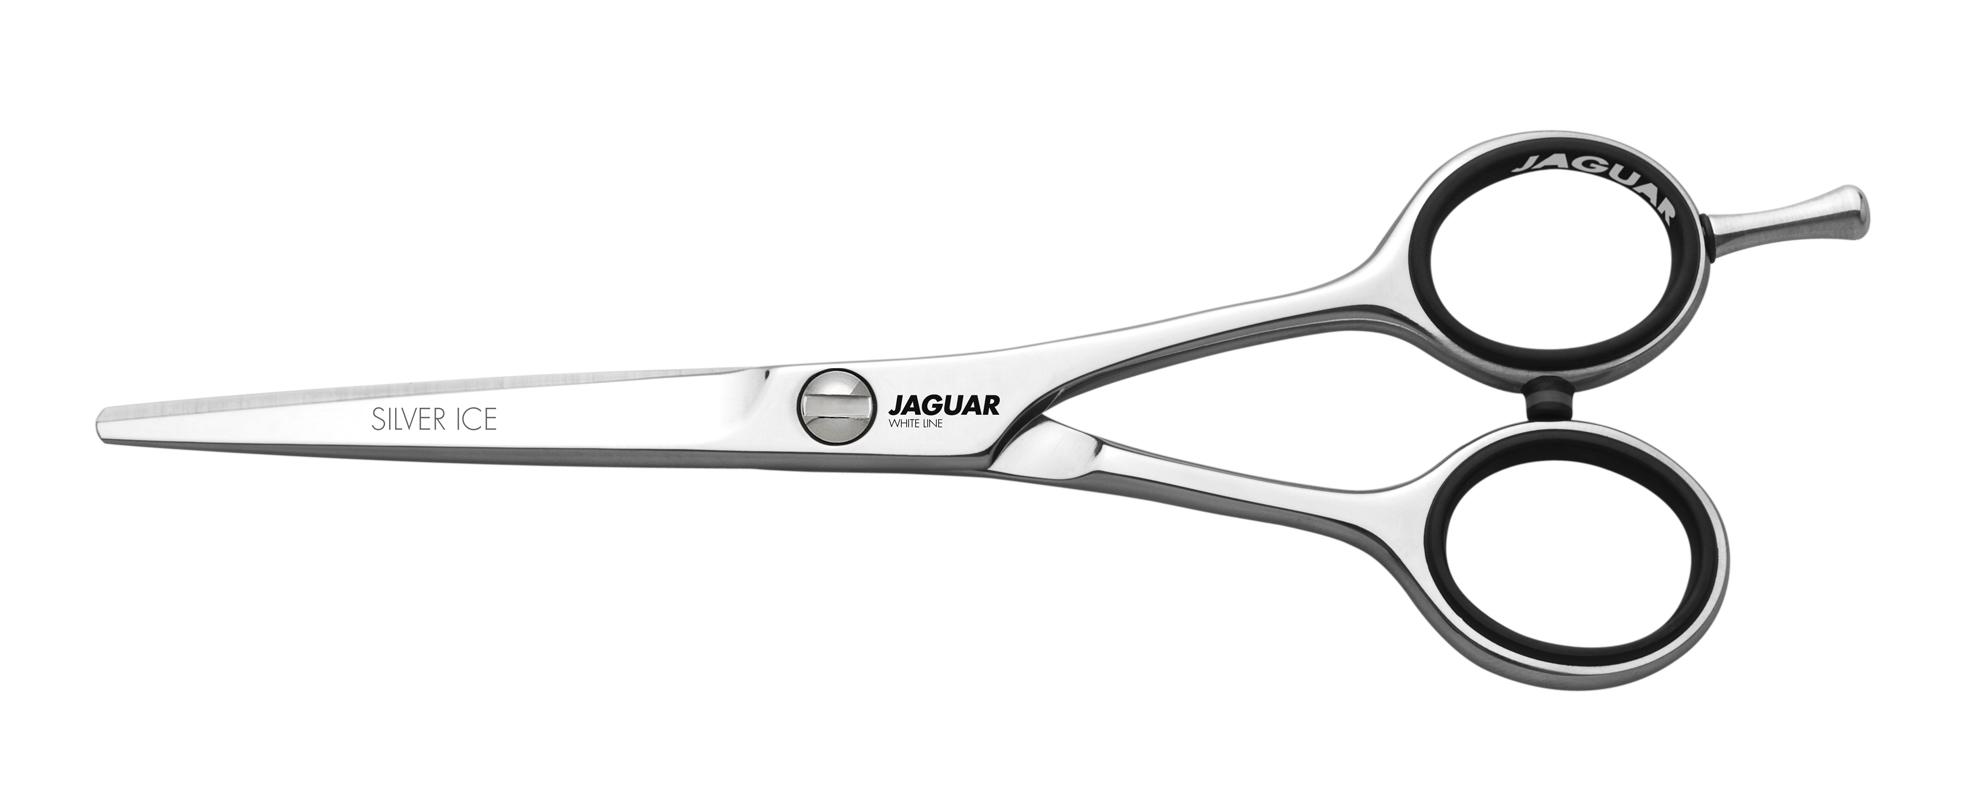 JAGUAR Ножницы Jaguar Silver Ice 7'(18cm)WL от Галерея Косметики